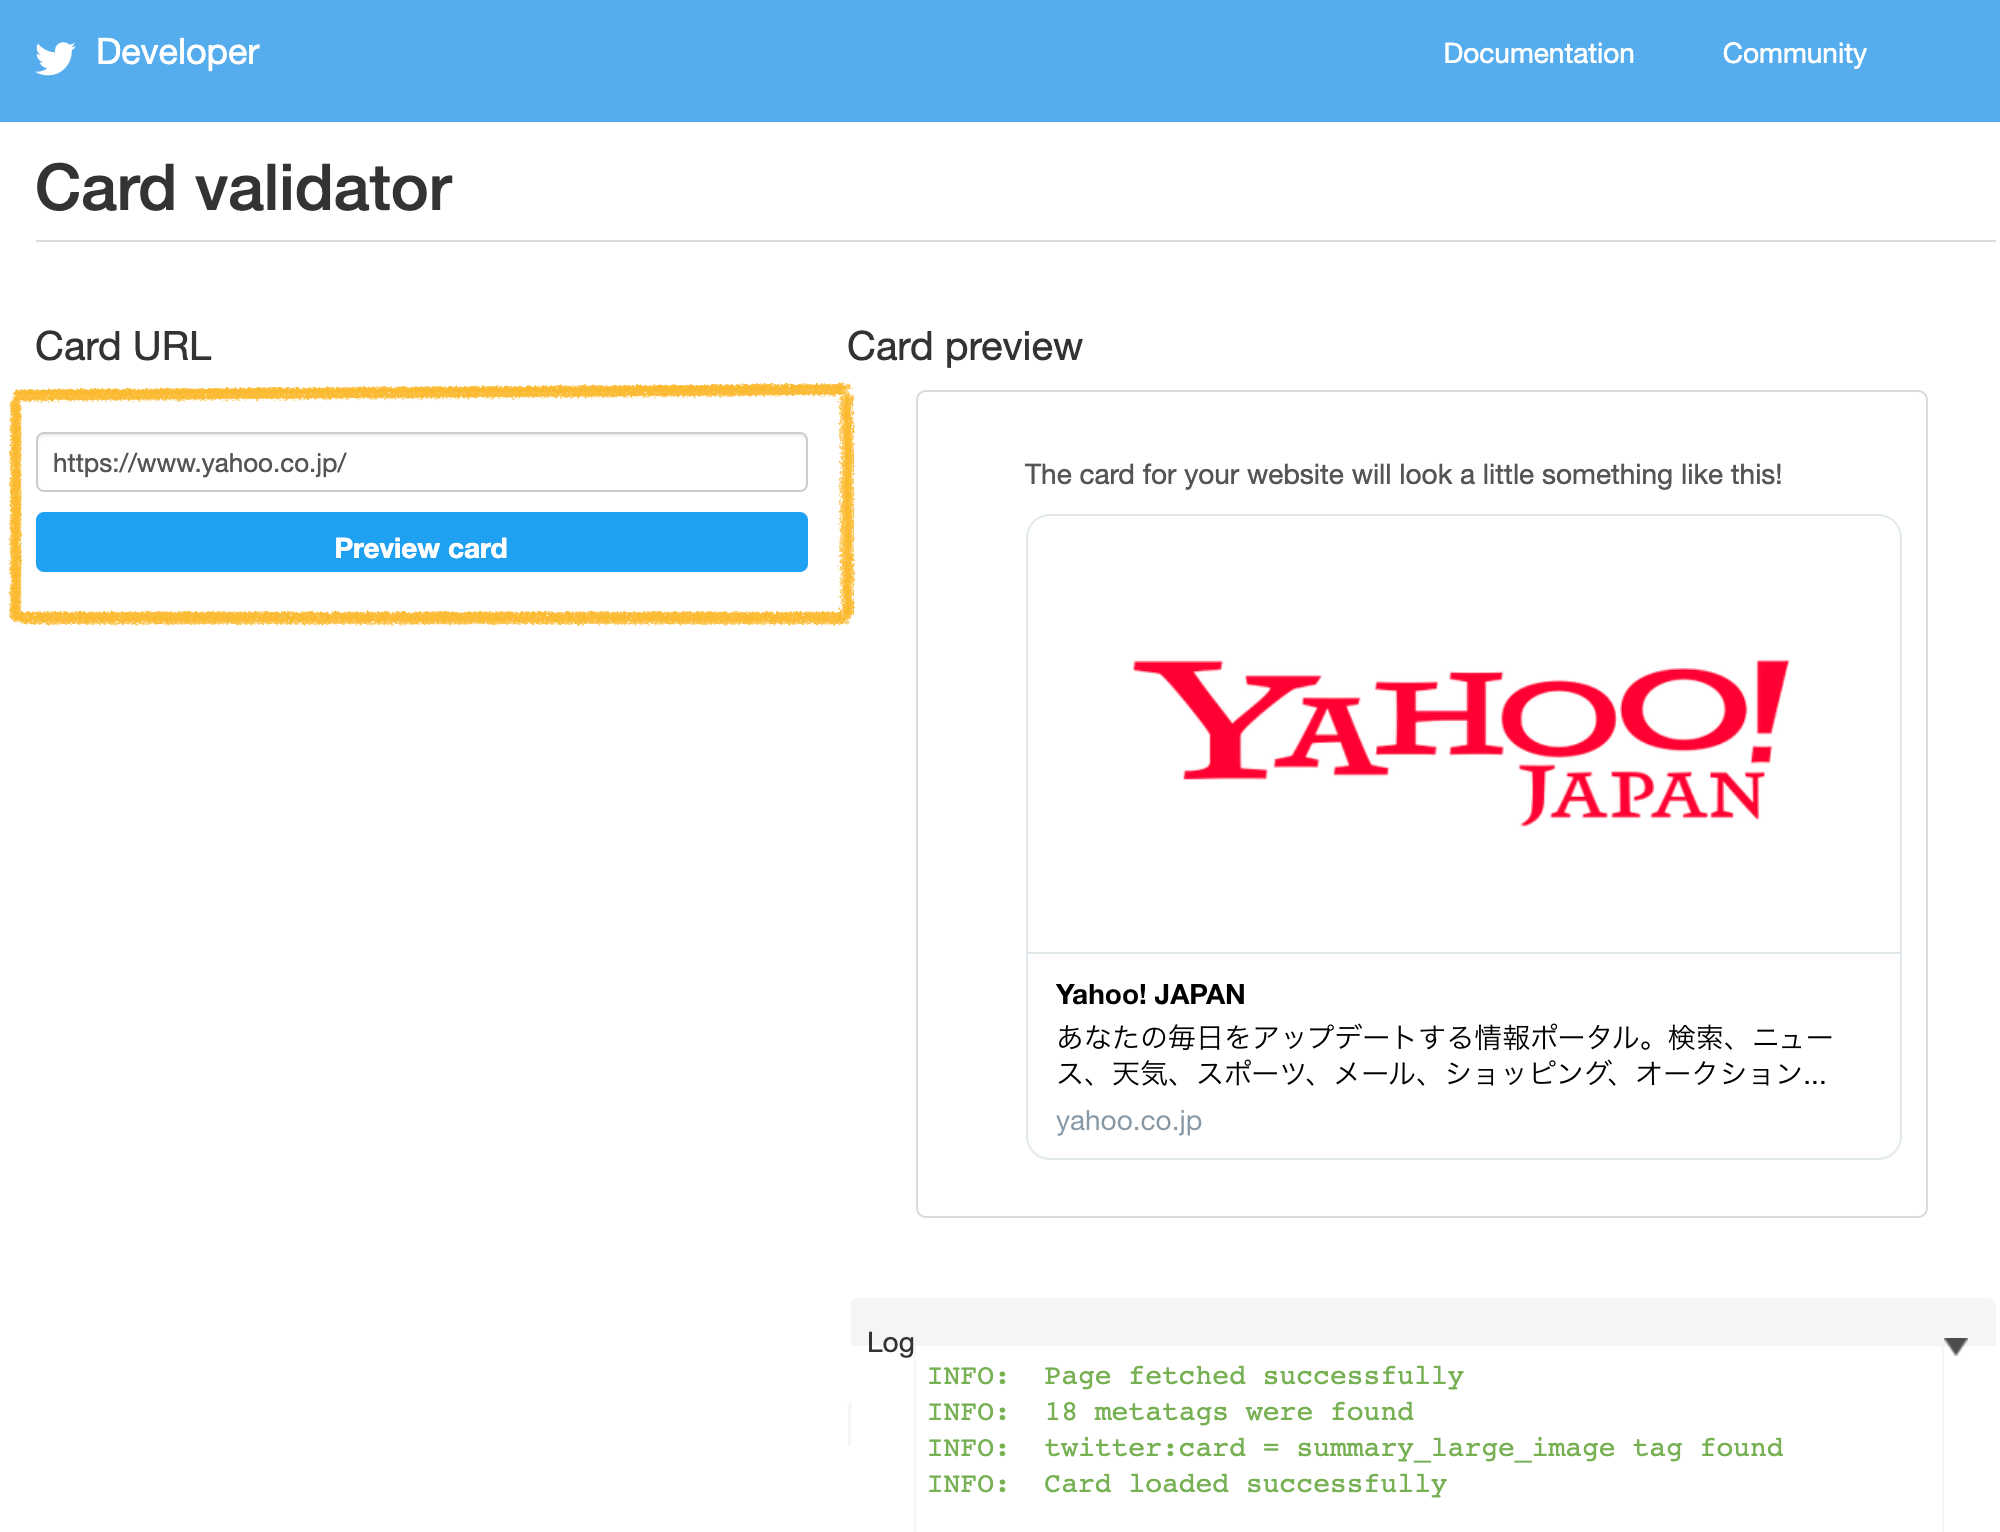 Twitter開発者用ページのCard Validator